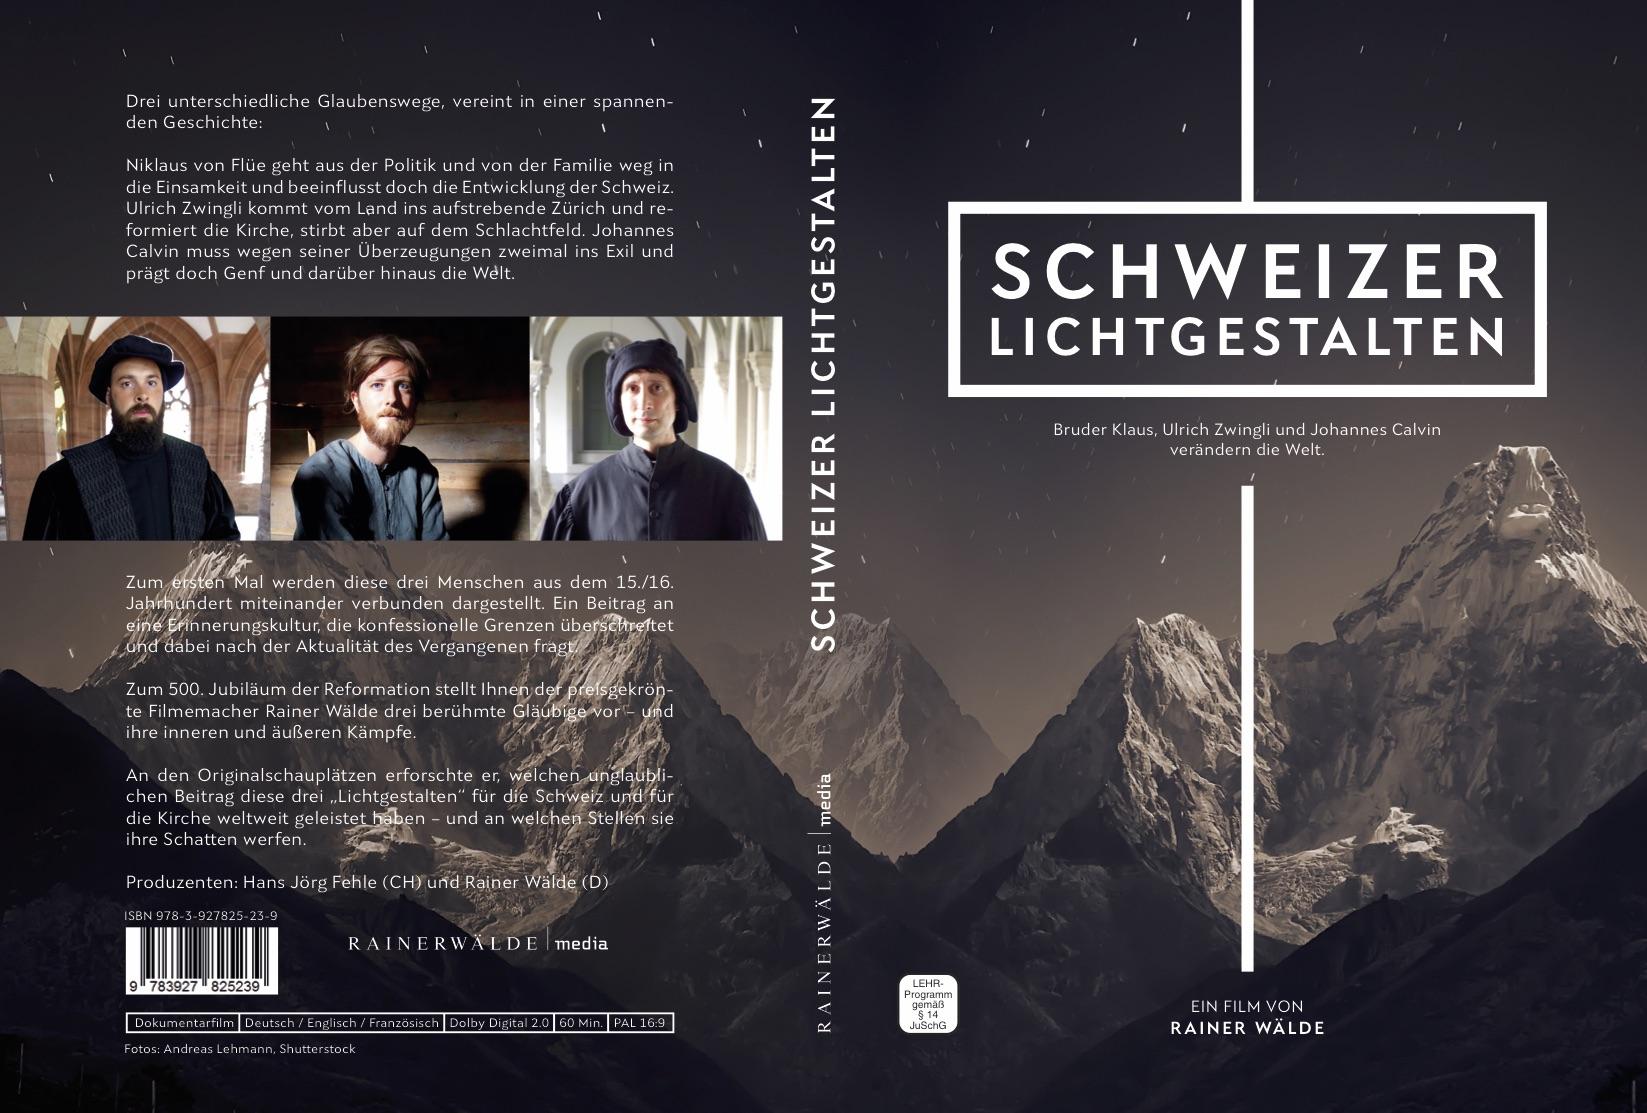 Lichtgestalten-Cover-DVD